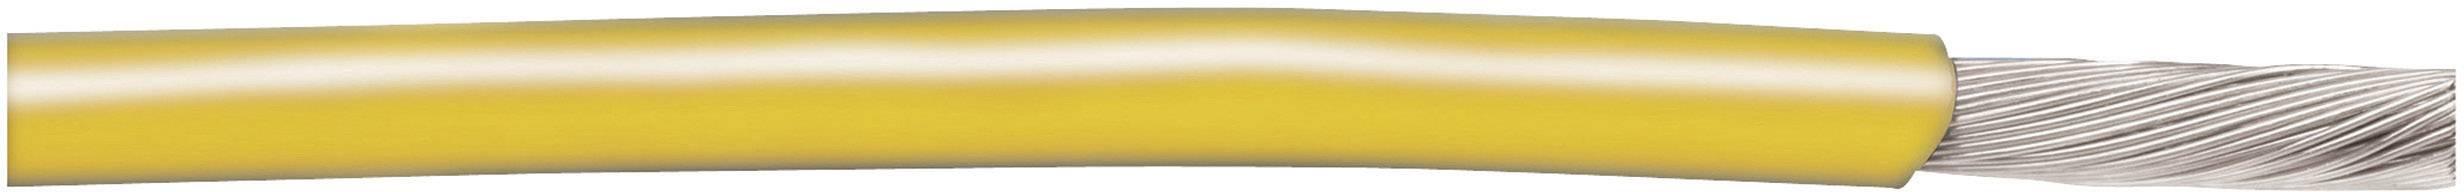 Opletenie / lanko AlphaWire 3050 GR001 1 x 0.20 mm², vonkajší Ø 1.42 mm, metrový tovar, zelená